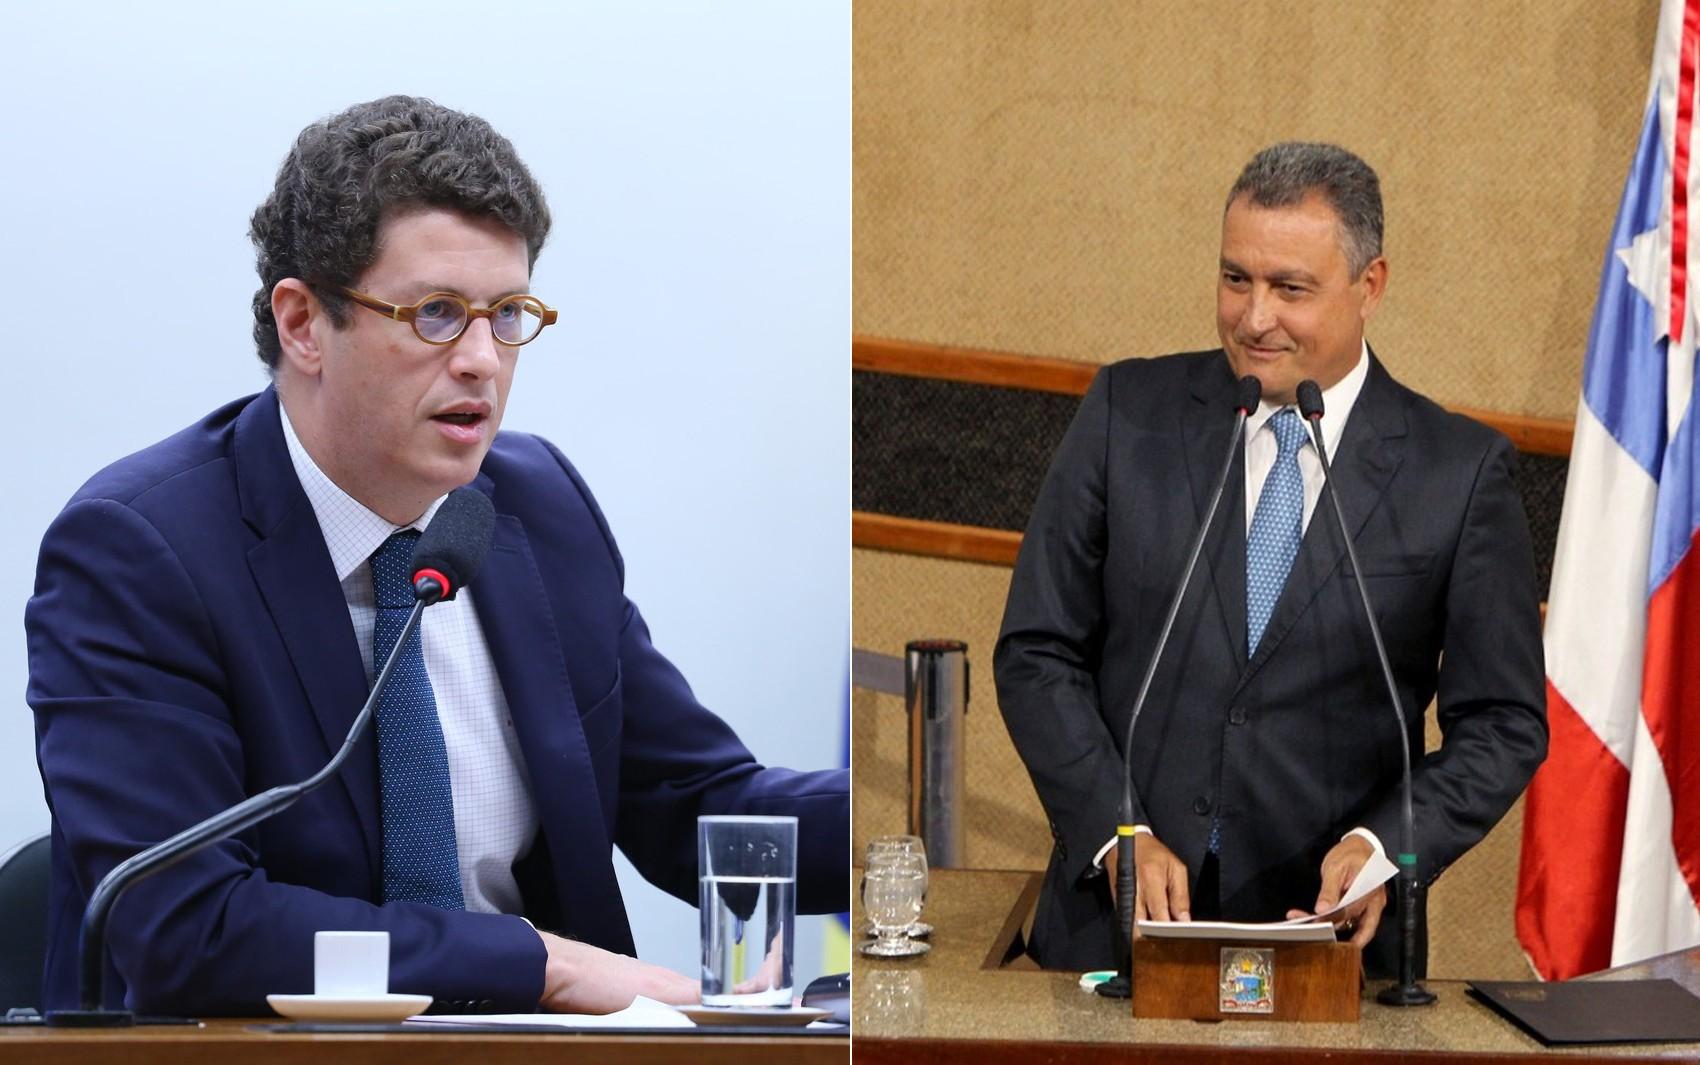 Governador da Bahia e ministro do Meio Ambiente discutem em rede social por causa de óleo nas praias do Nordeste - Notícias - Plantão Diário